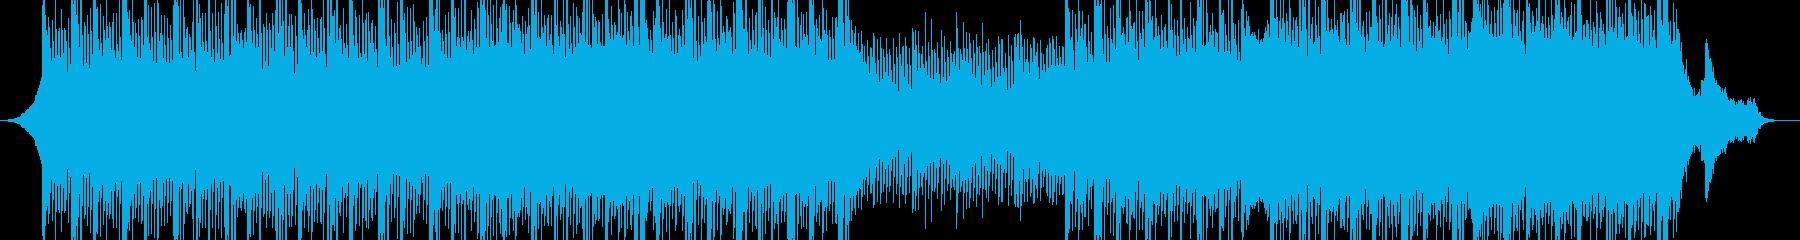 前衛交響曲 未来の技術 劇的な テ...の再生済みの波形